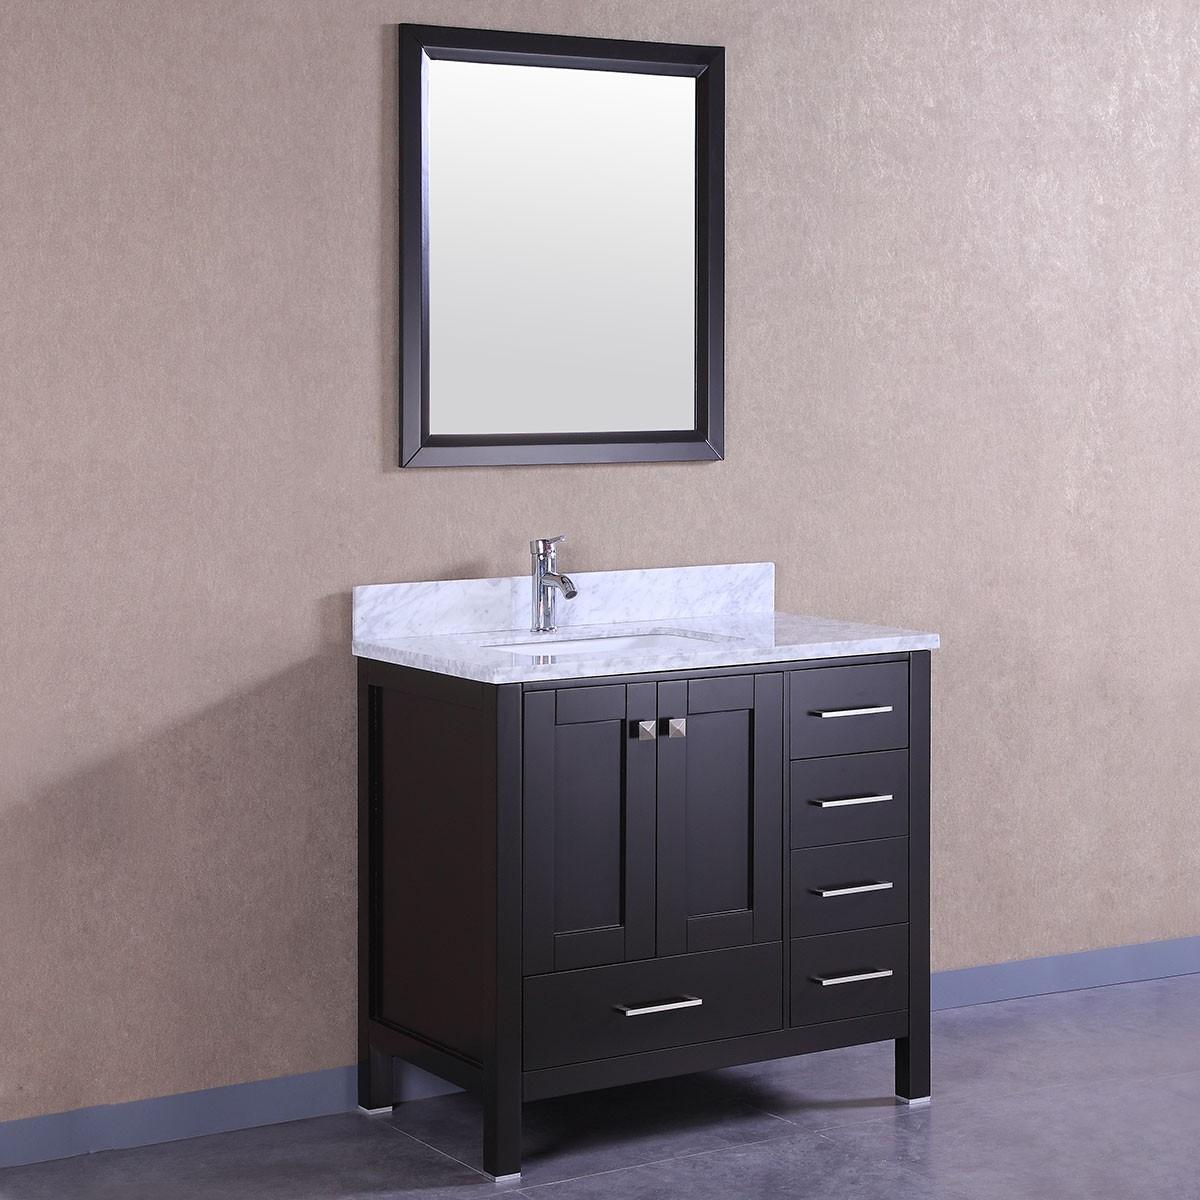 36 po meuble salle de bain sur pieds lavabo simple avec for Liquidation meuble lavabo